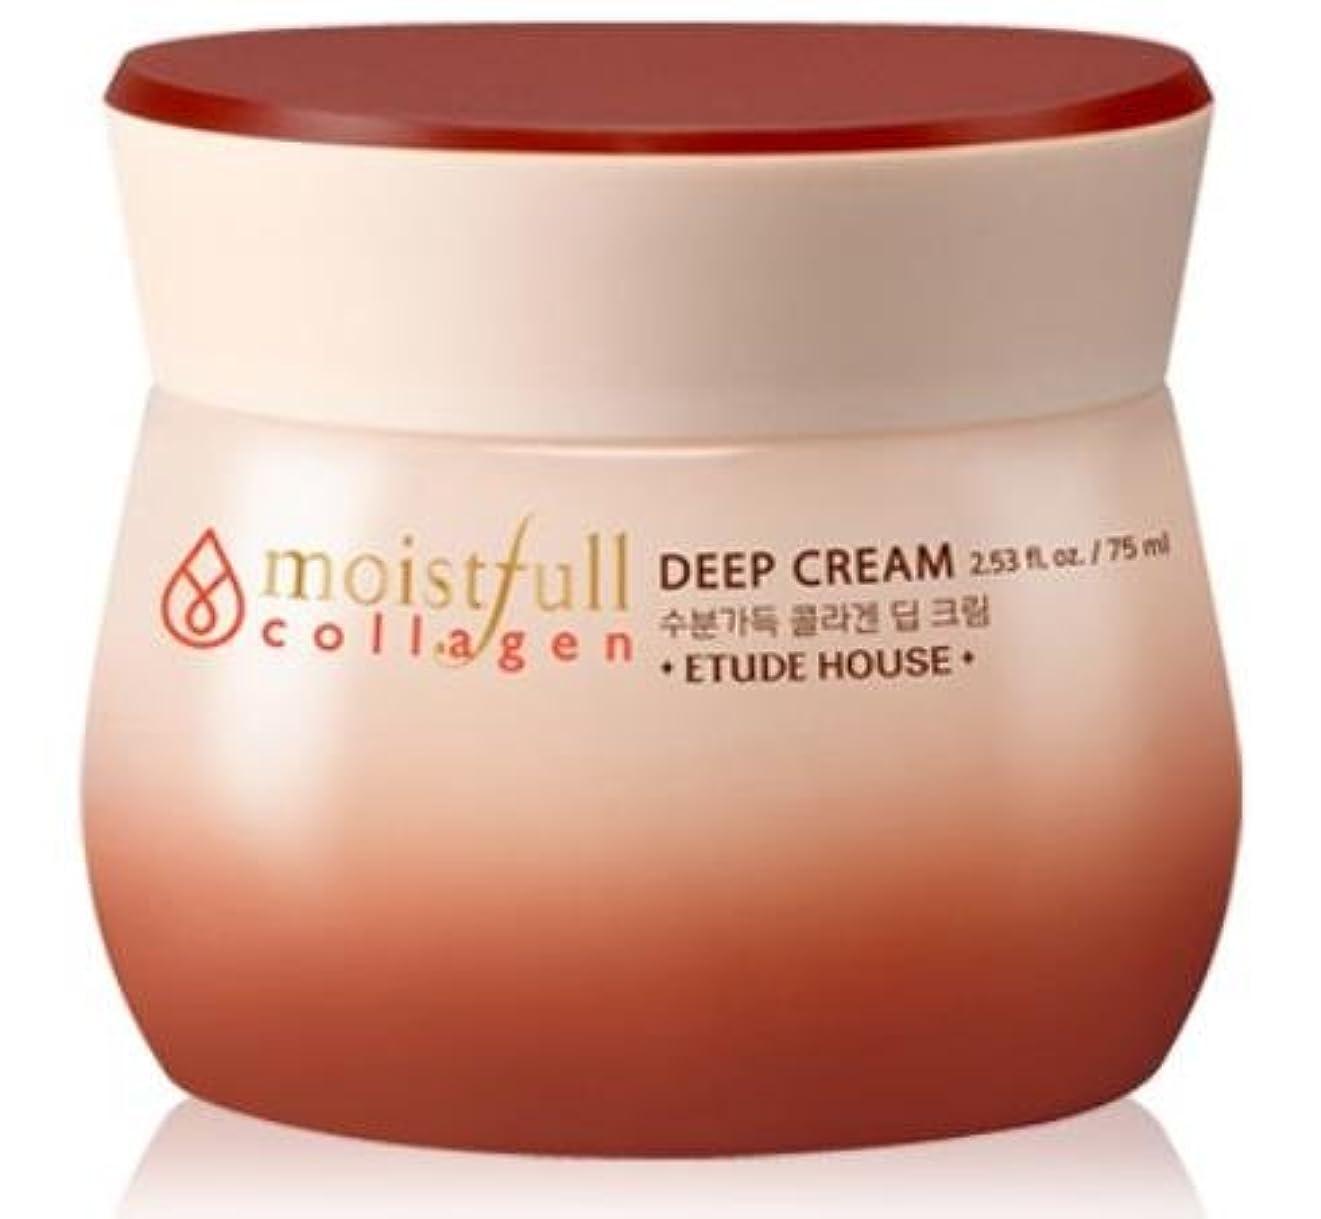 服を着る反逆者締め切り[エチュードハウス] ETUDE HOUSE [モイストフルコラーゲ 深いクリーム] (Moistfull Collagen Deep Cream) [並行輸入品]